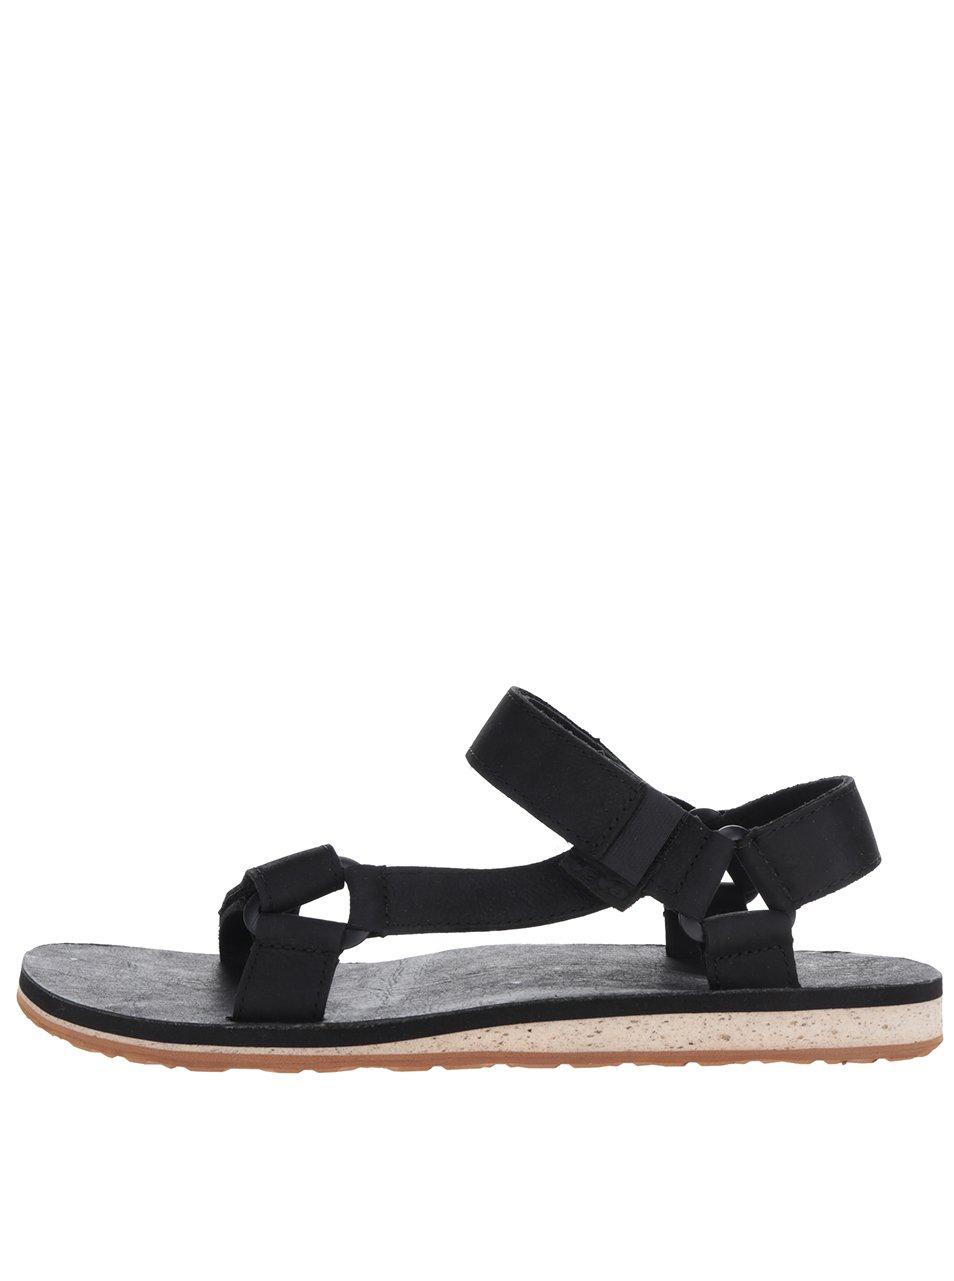 c0cfccdce Čierne kožené pánske sandále Teva | Moda.sk